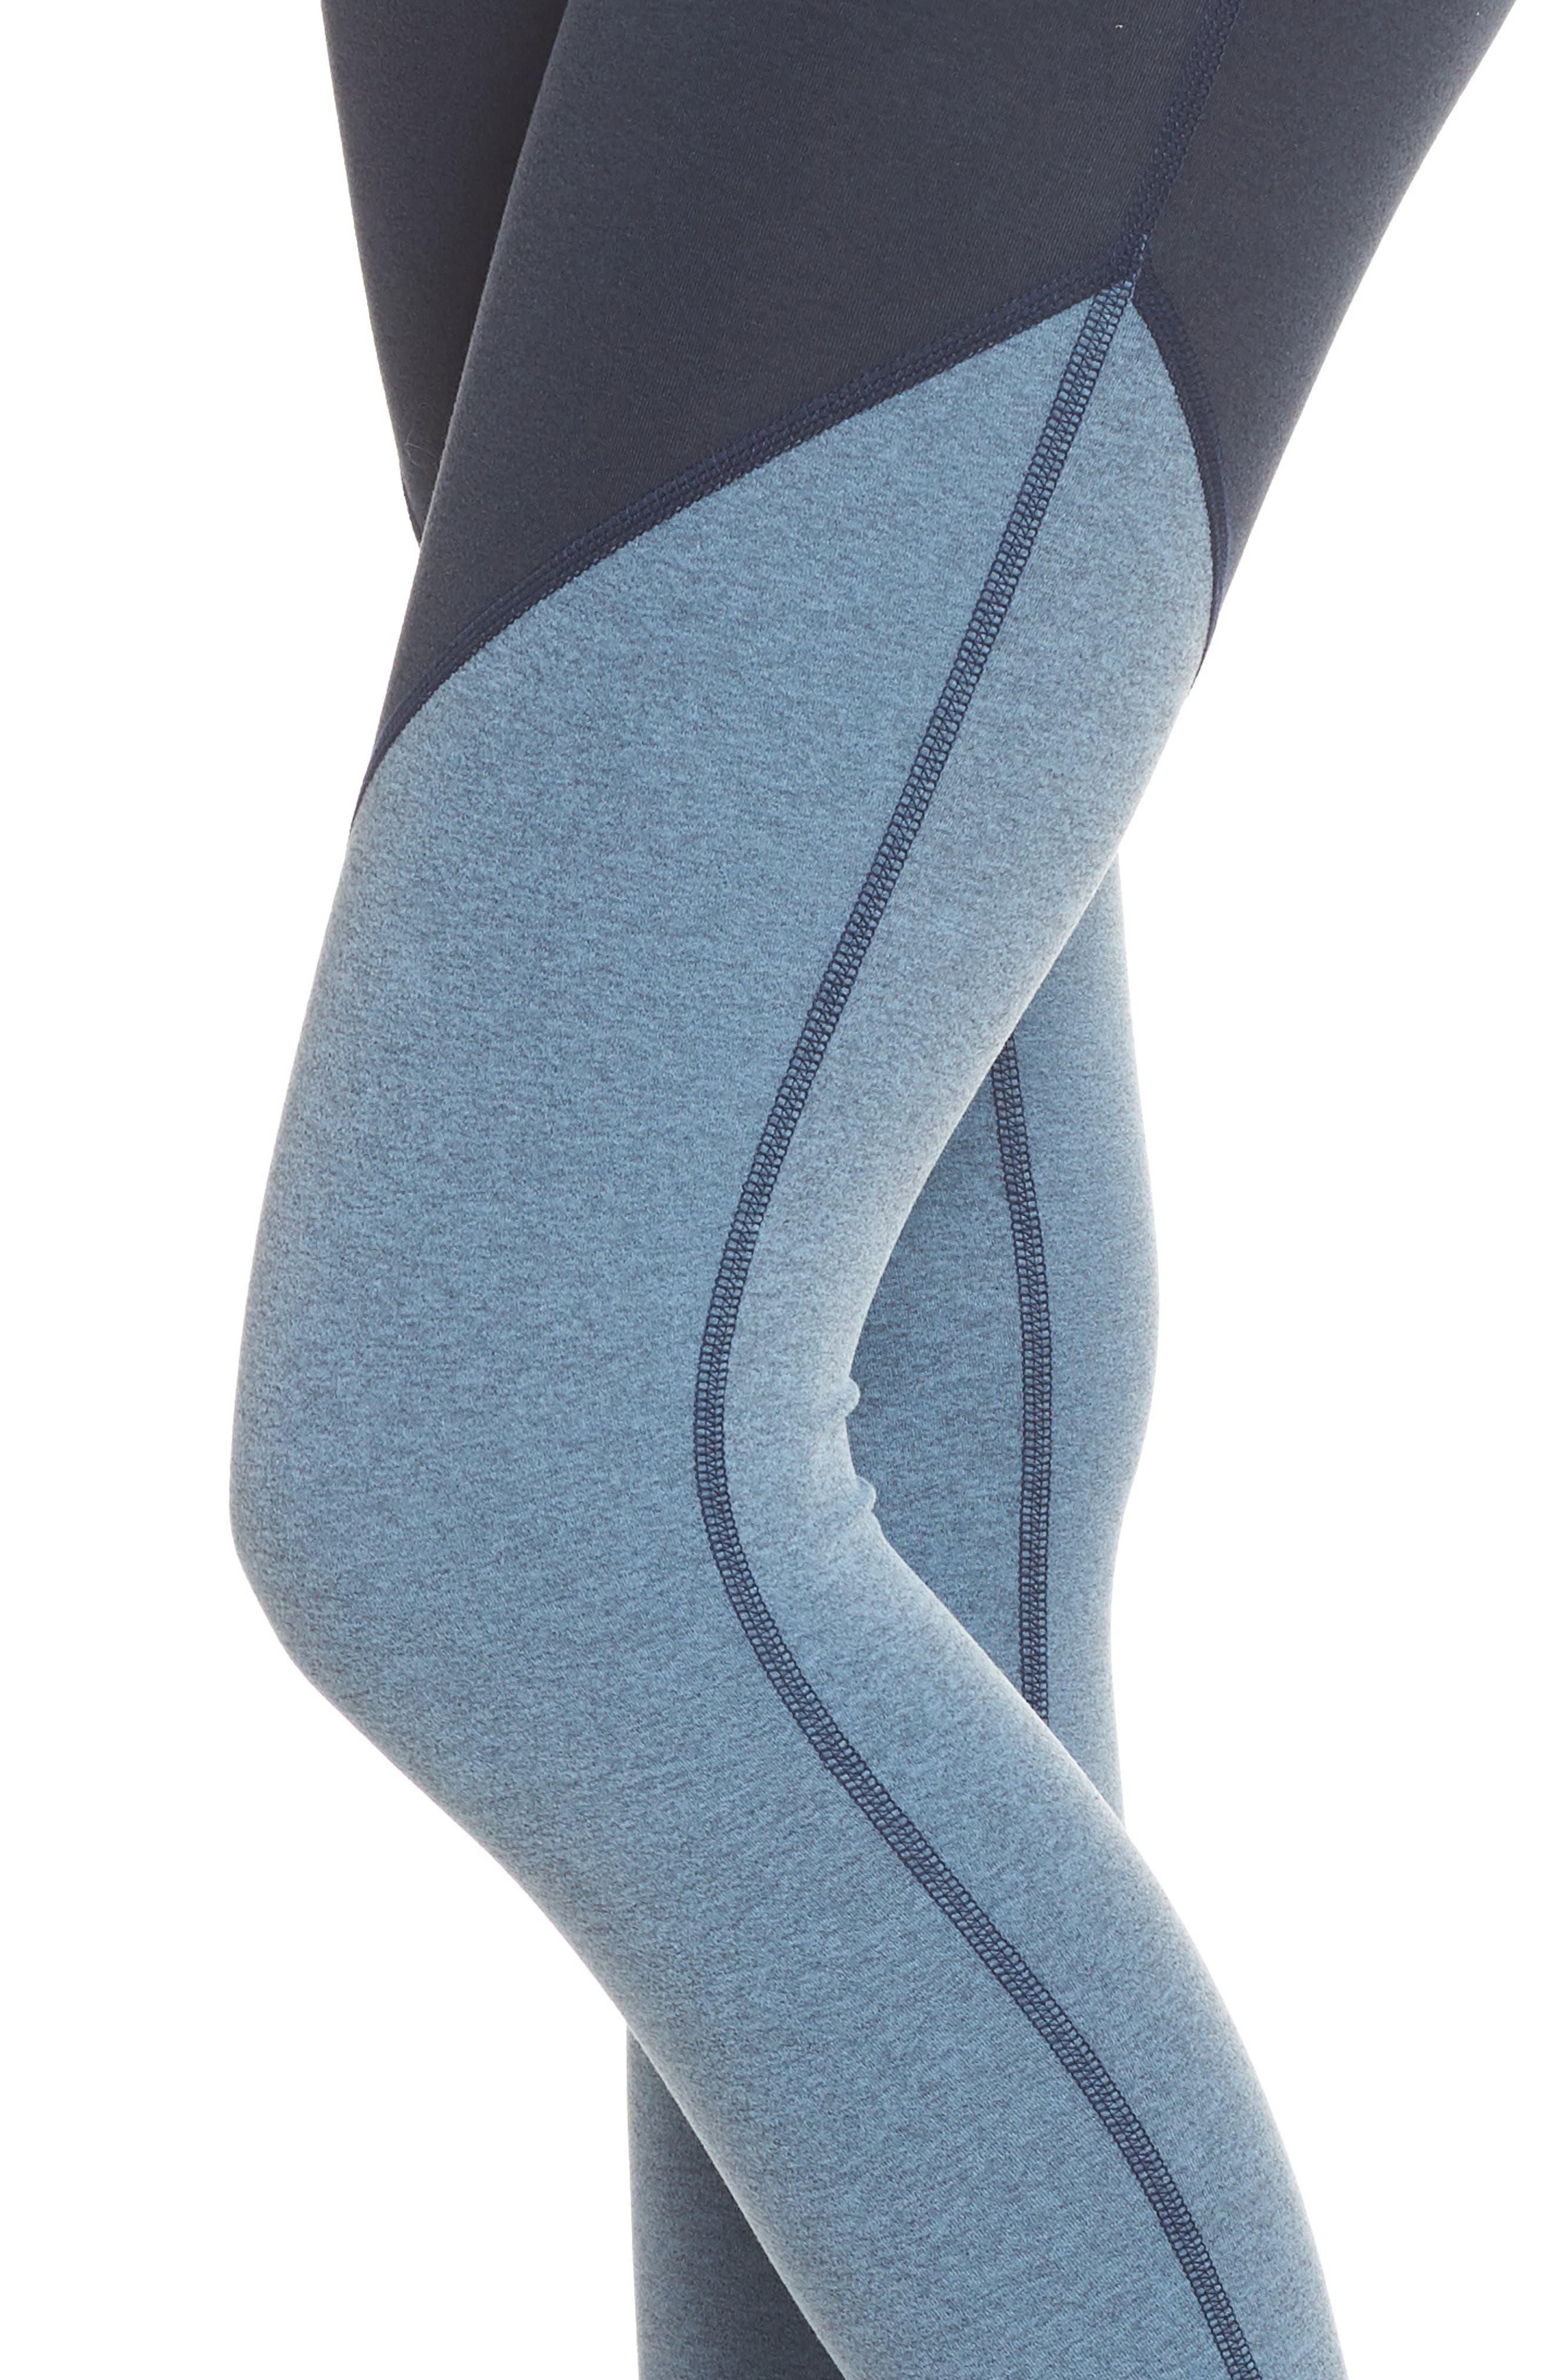 Angled High Waist Leggings,                             Alternate thumbnail 4, color,                             NOCTURNAL NAVY/ LIGHT BLUE